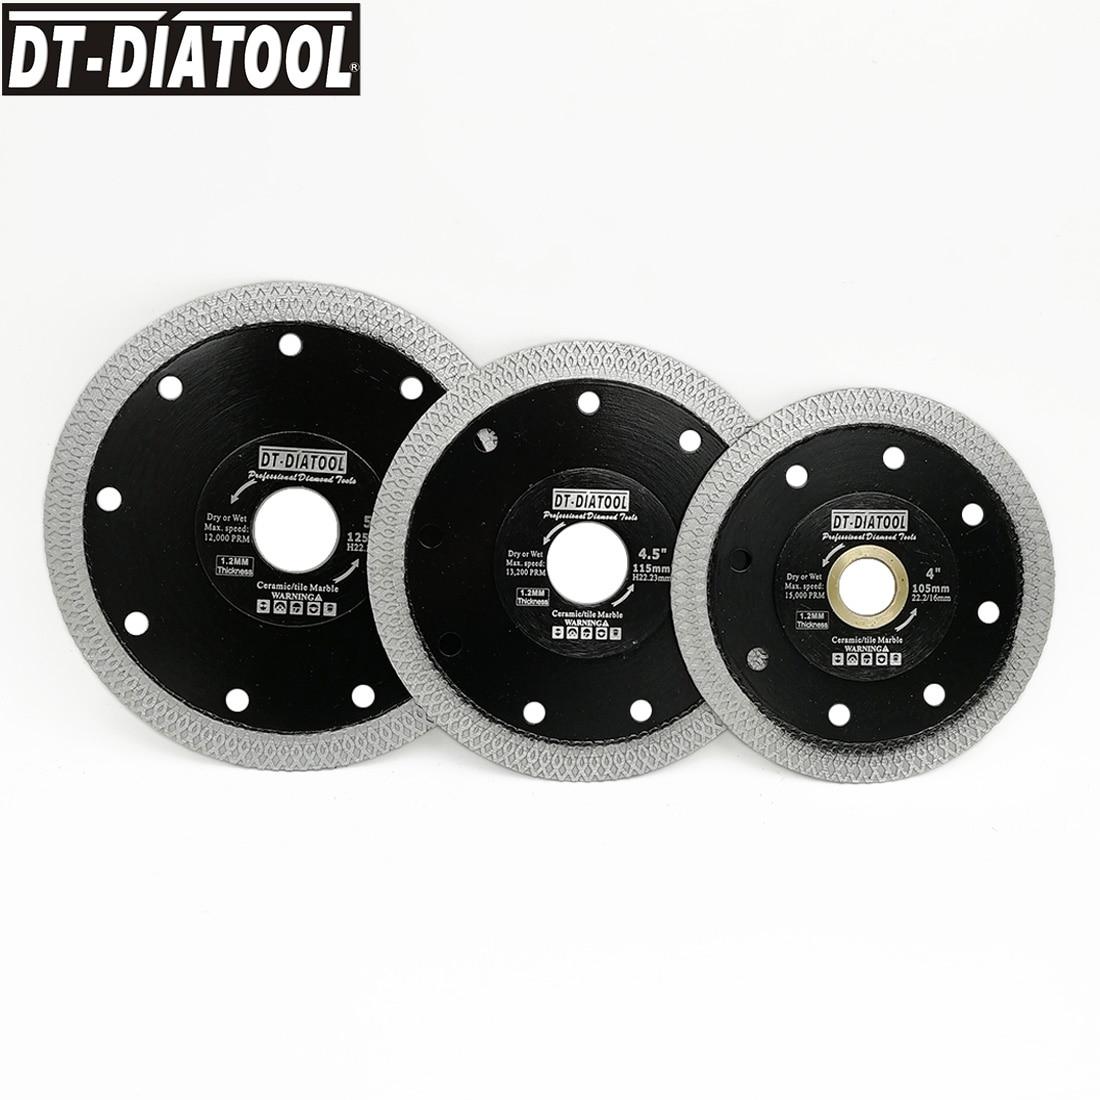 DT DIATOOL 5pcs pk Dia 105 115 125MM High Quality Dry or Wet Diamond X Mesh